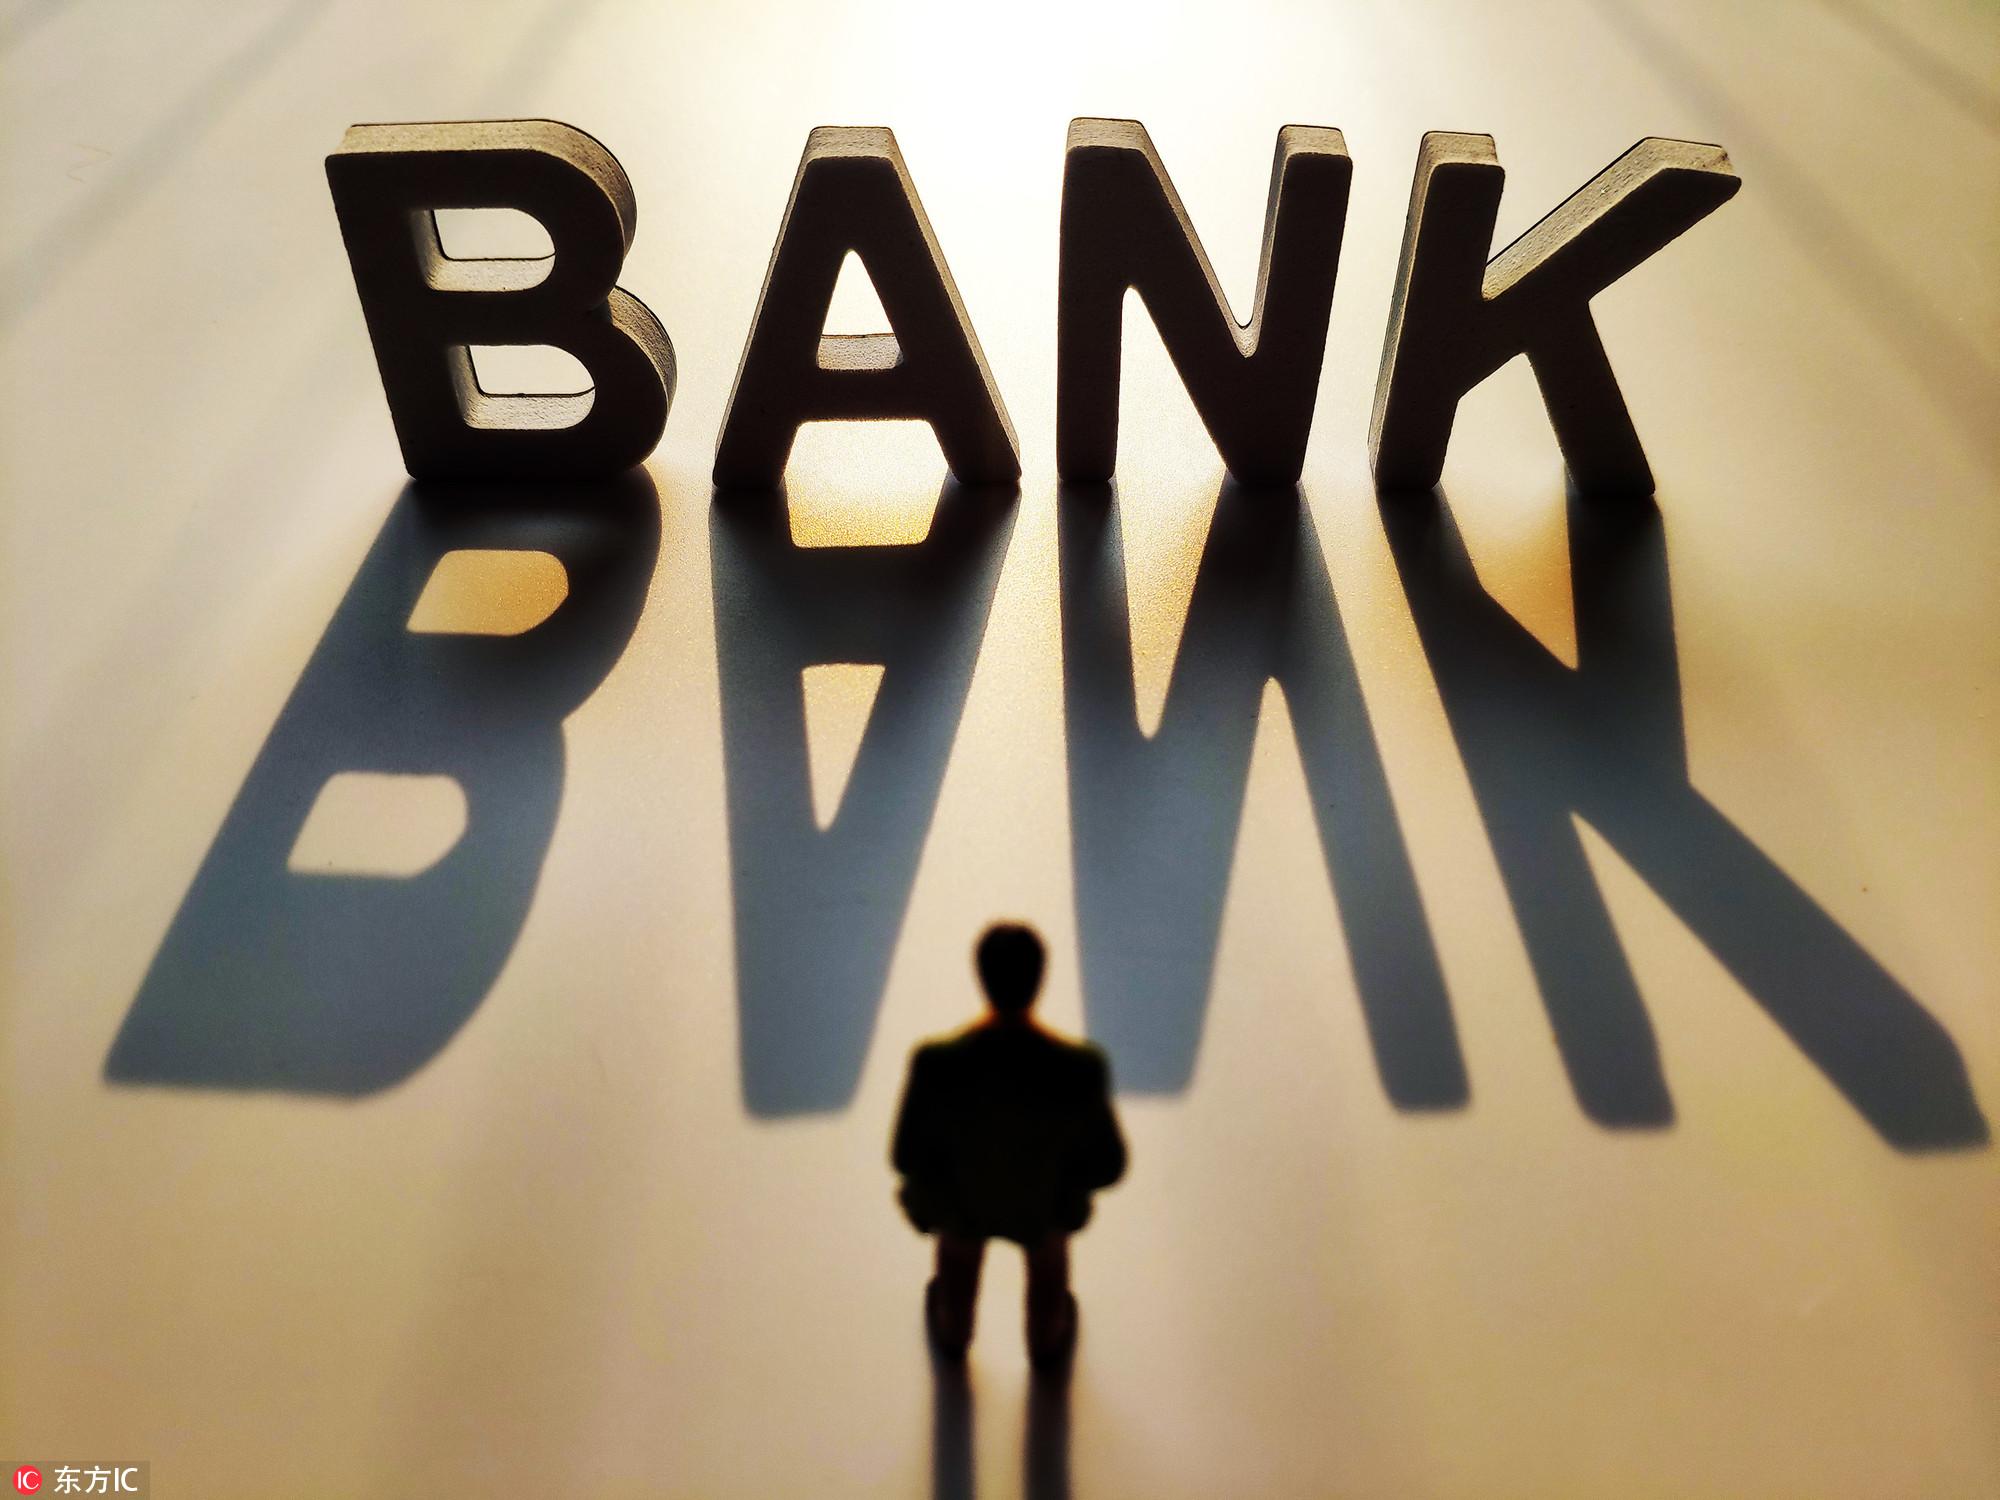 新网银行去年净利3.68亿,雷军为董事转任副董事长